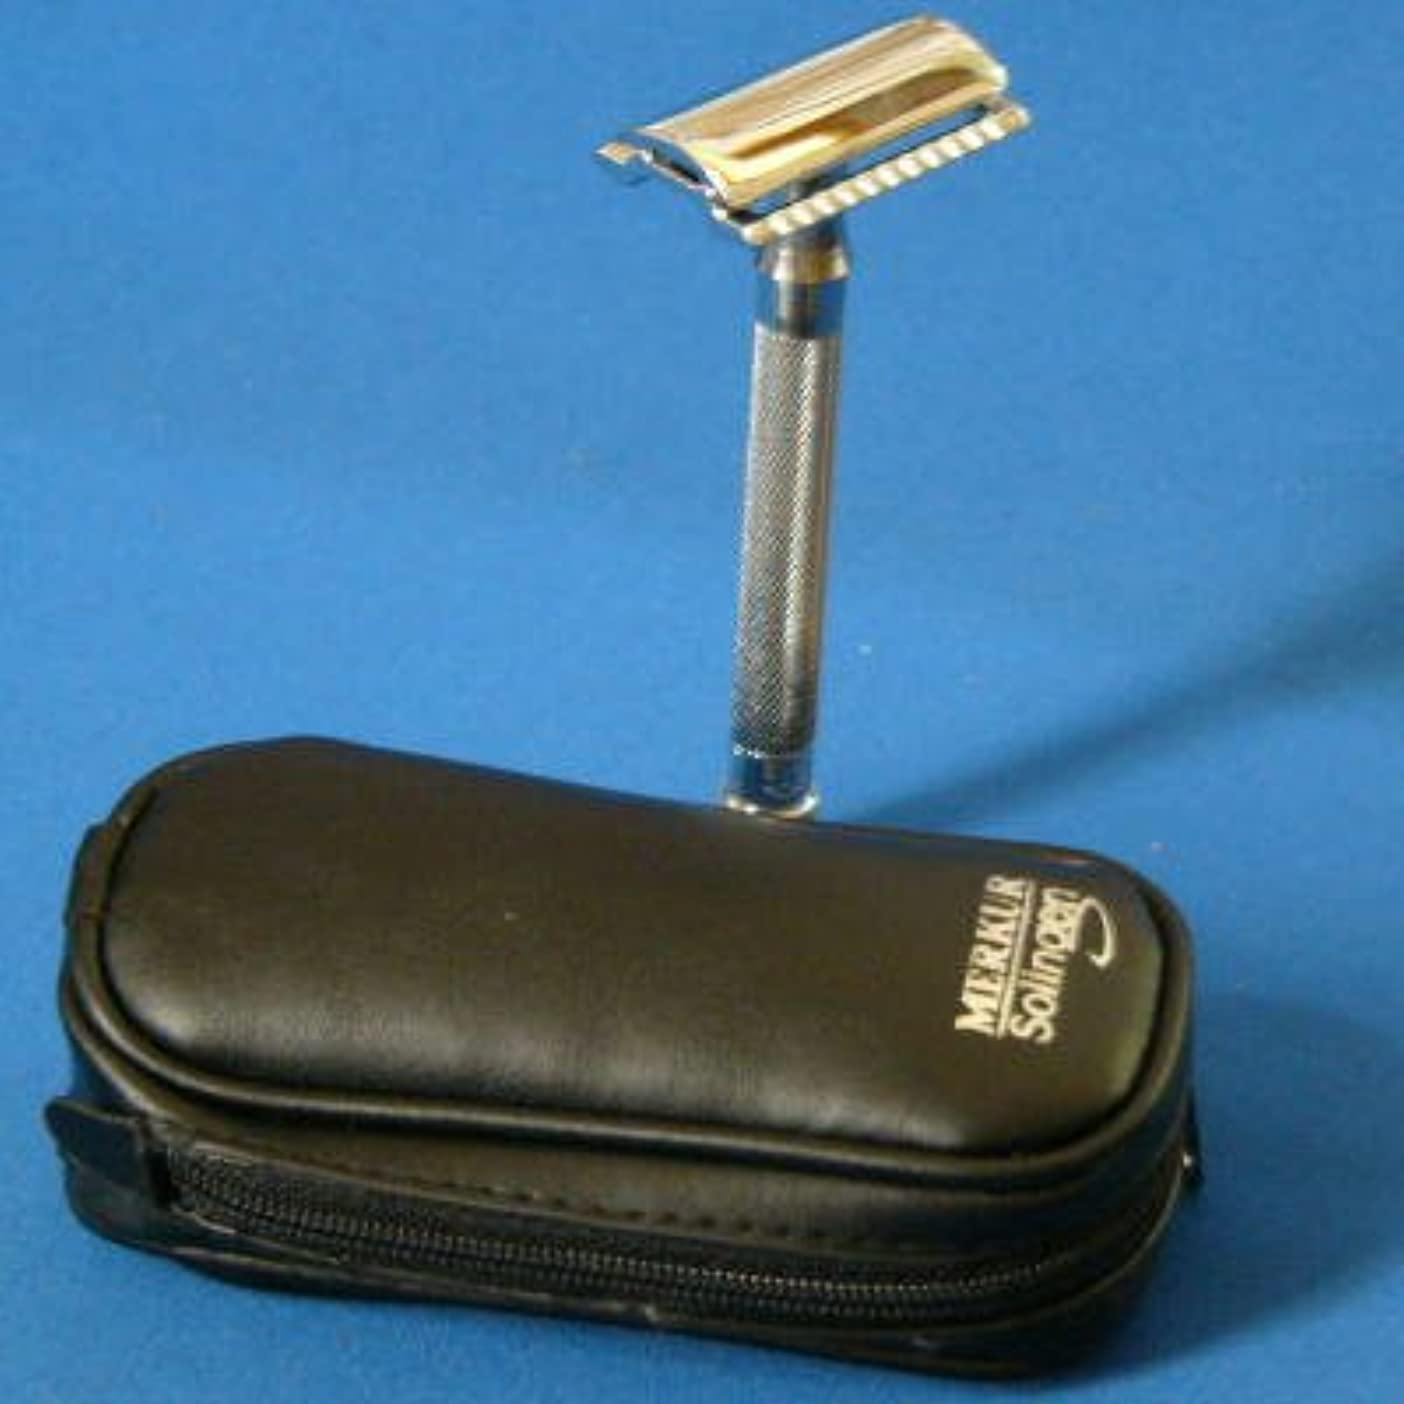 一月組憲法メルクール髭剃り(ひげそり) 23C(専用革ケース&替刃11枚付)